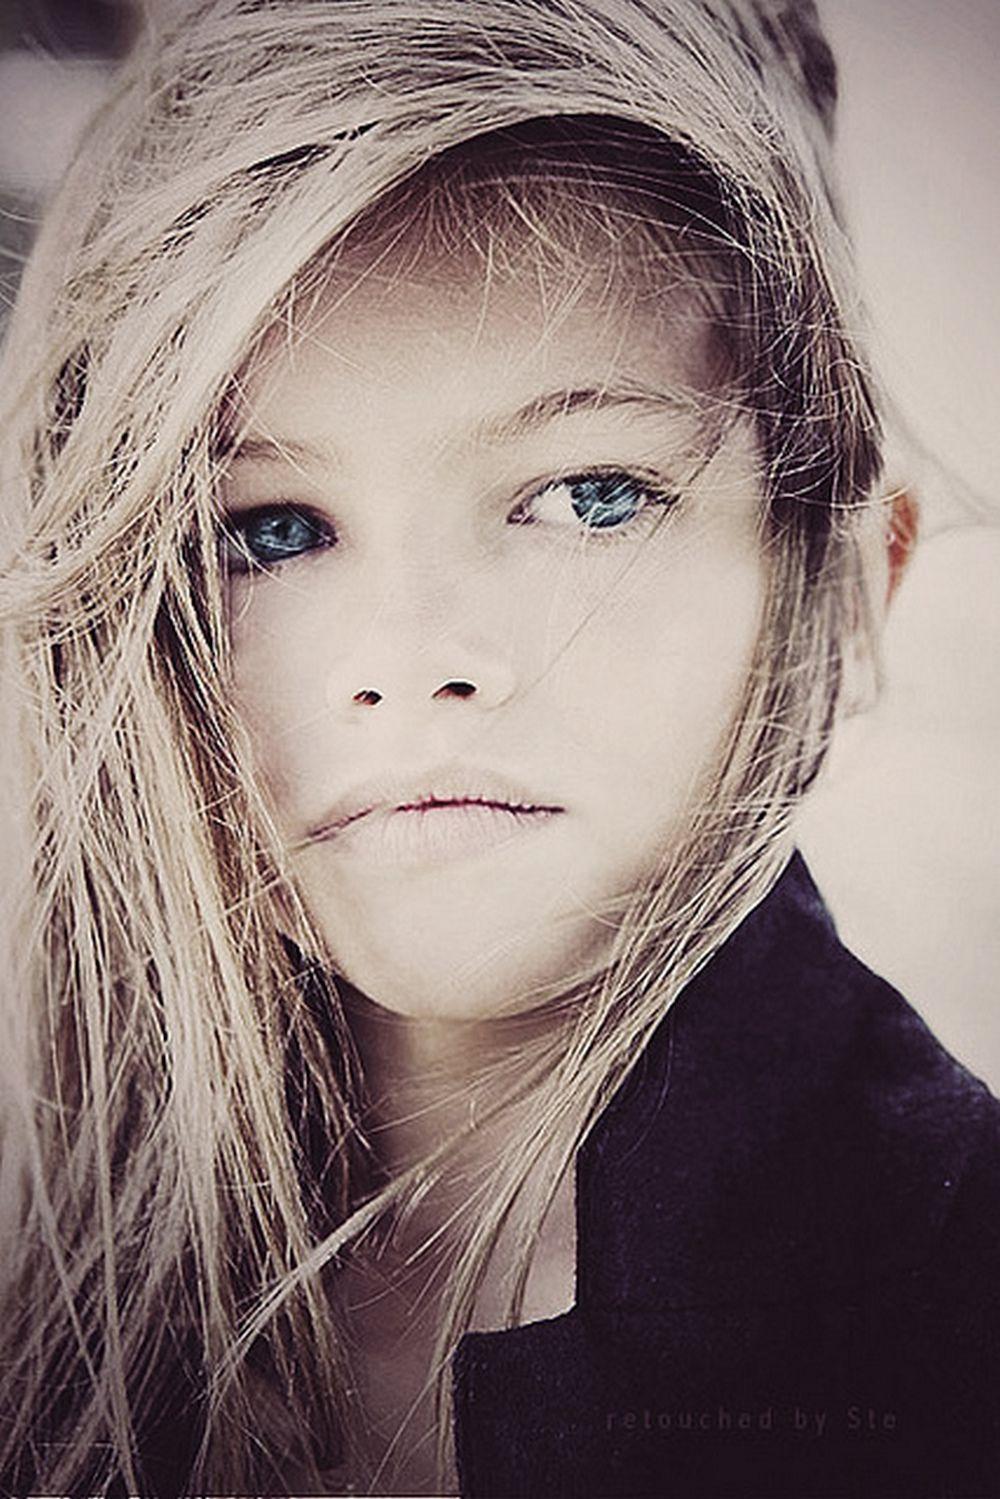 Самая молодая модель фото 14 фотография